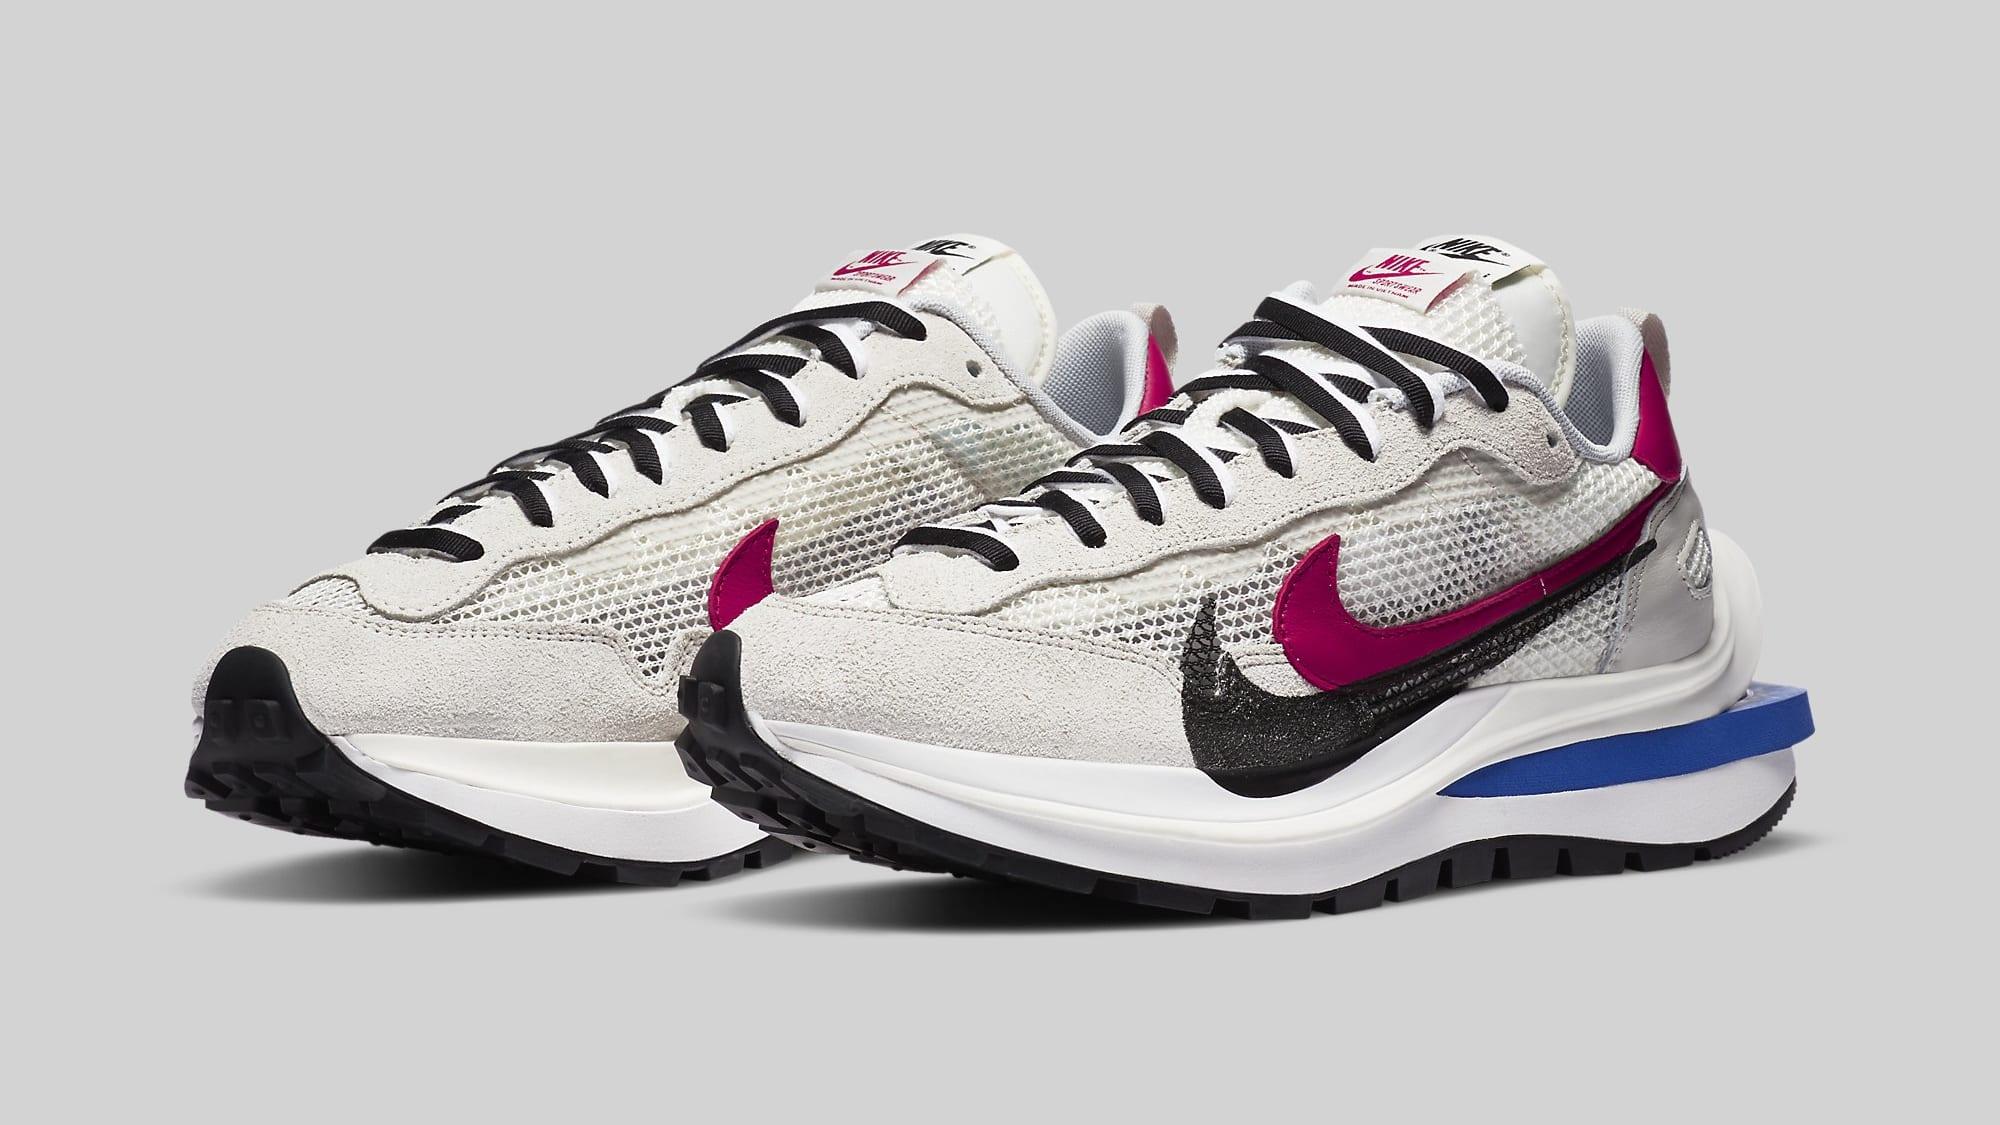 Sacai x Nike VaporWaffle 'Sail' CV1363-100 Pair